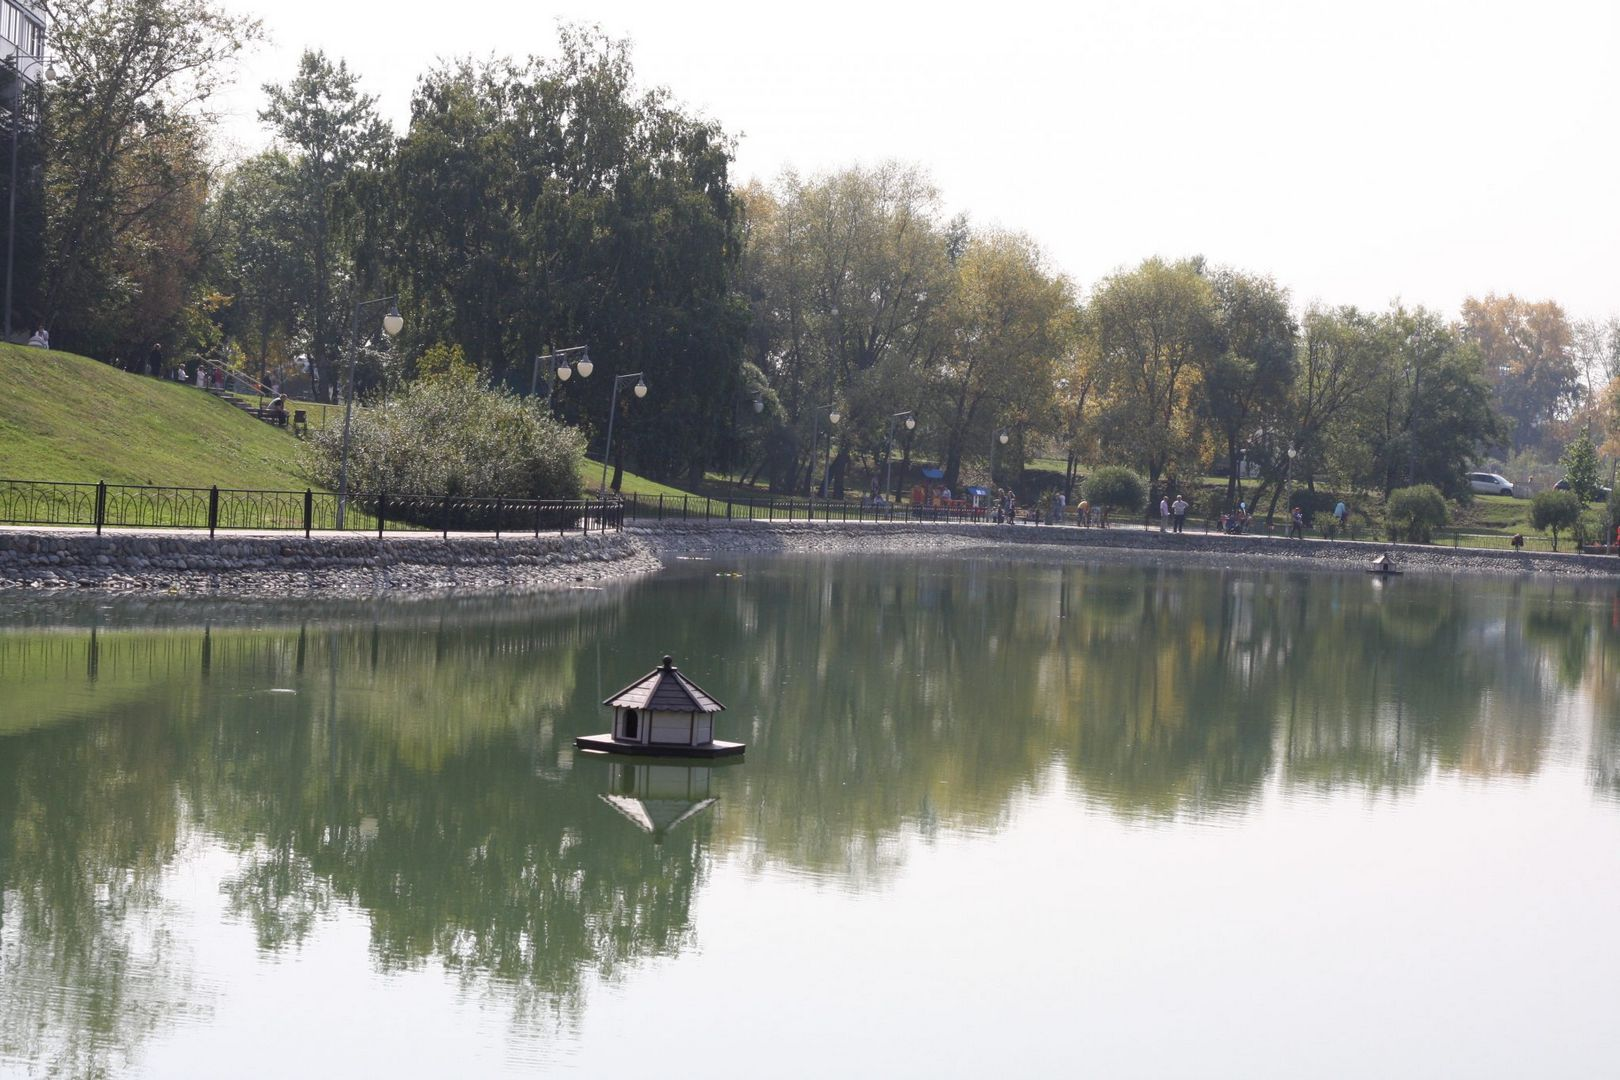 Дегунинский пруд, благоустройство